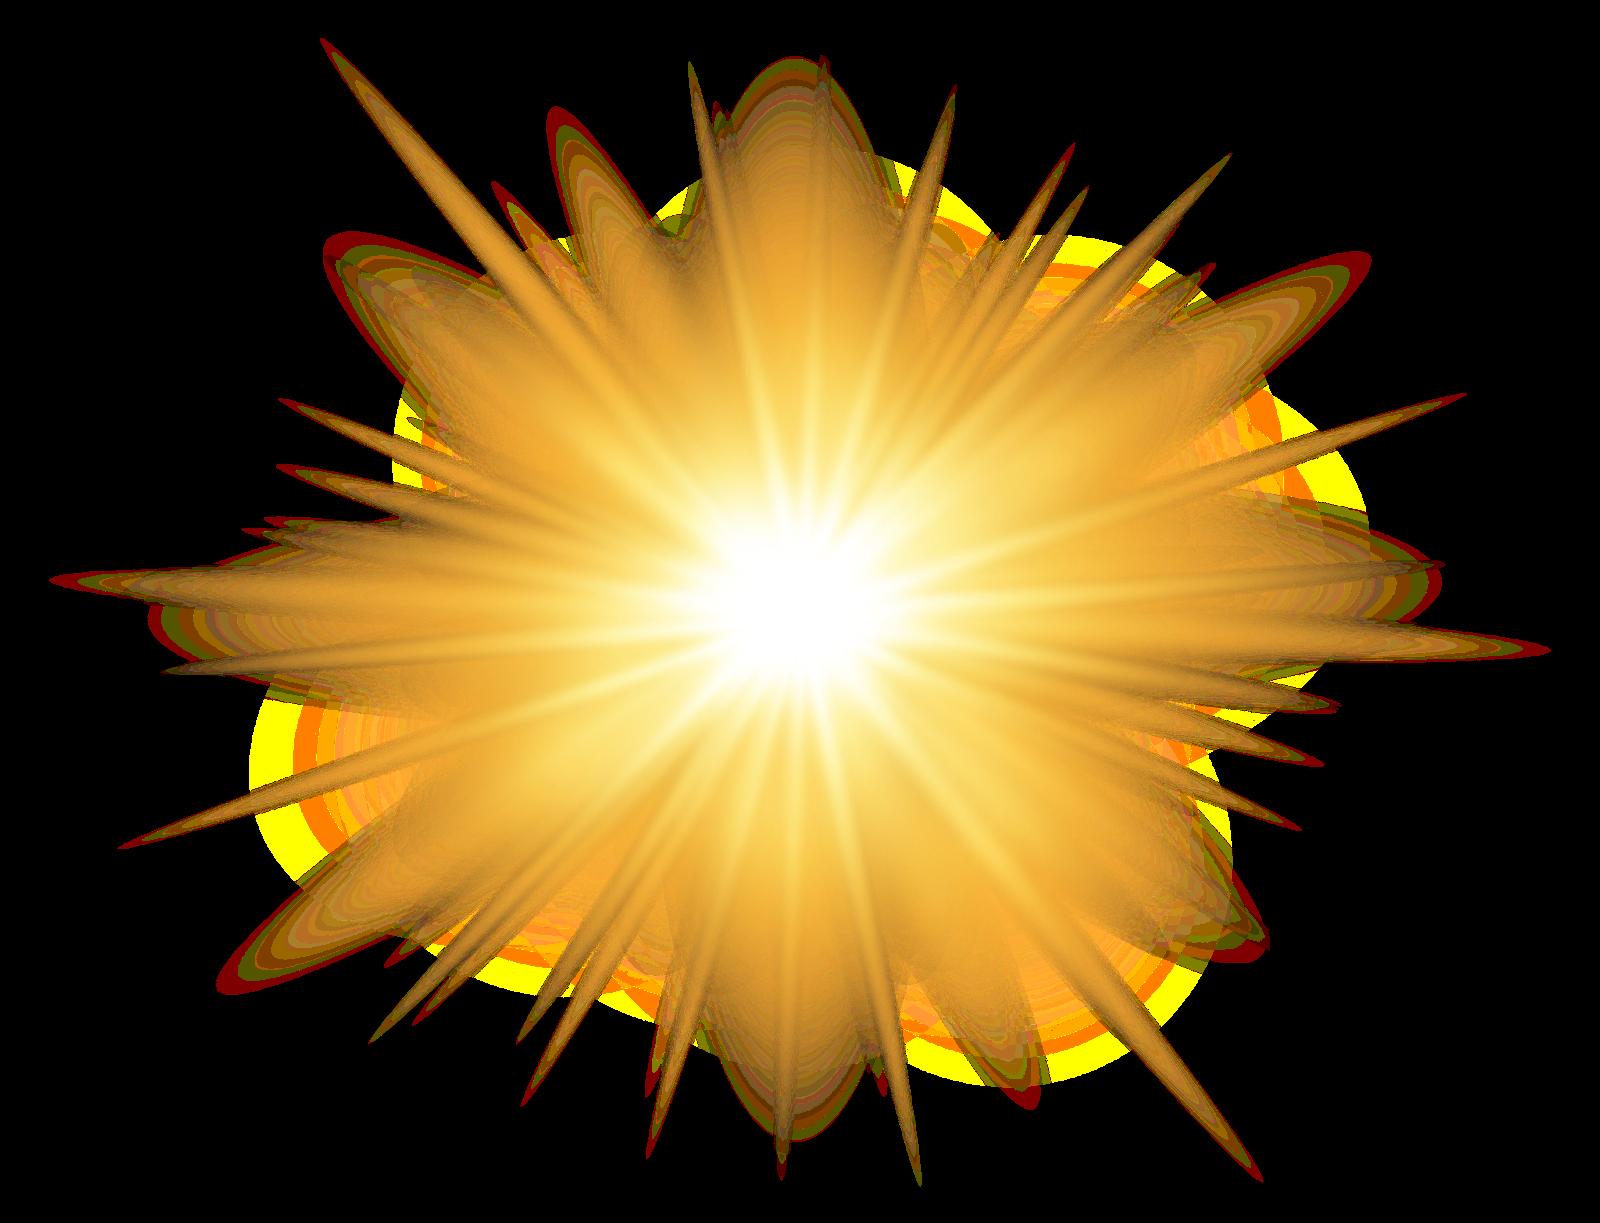 картинки сияющего солнца на прозрачном фоне его историческое существование